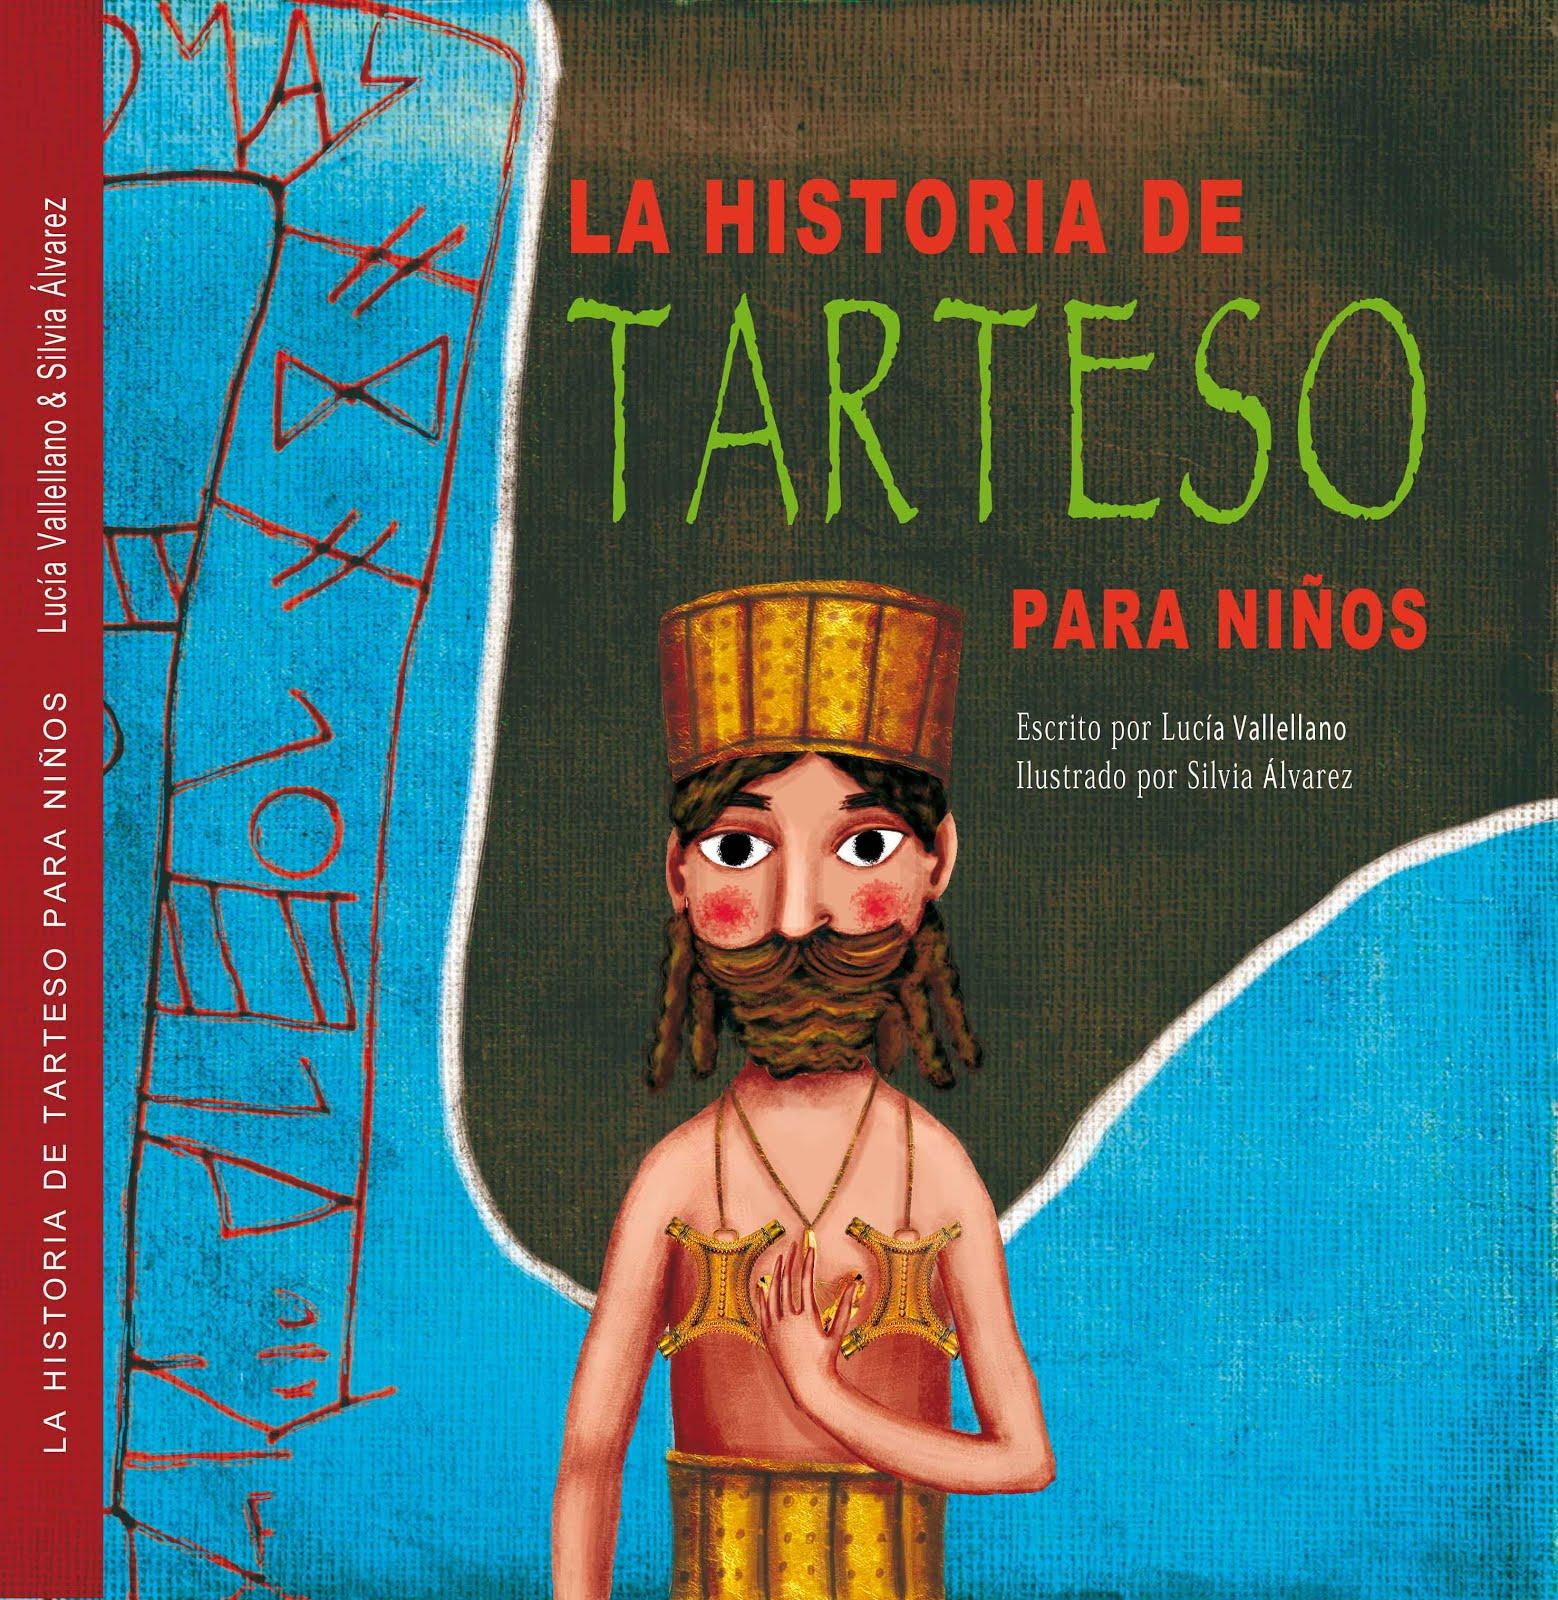 LA HISTORIA DE TARTESO PARA NIÑOS